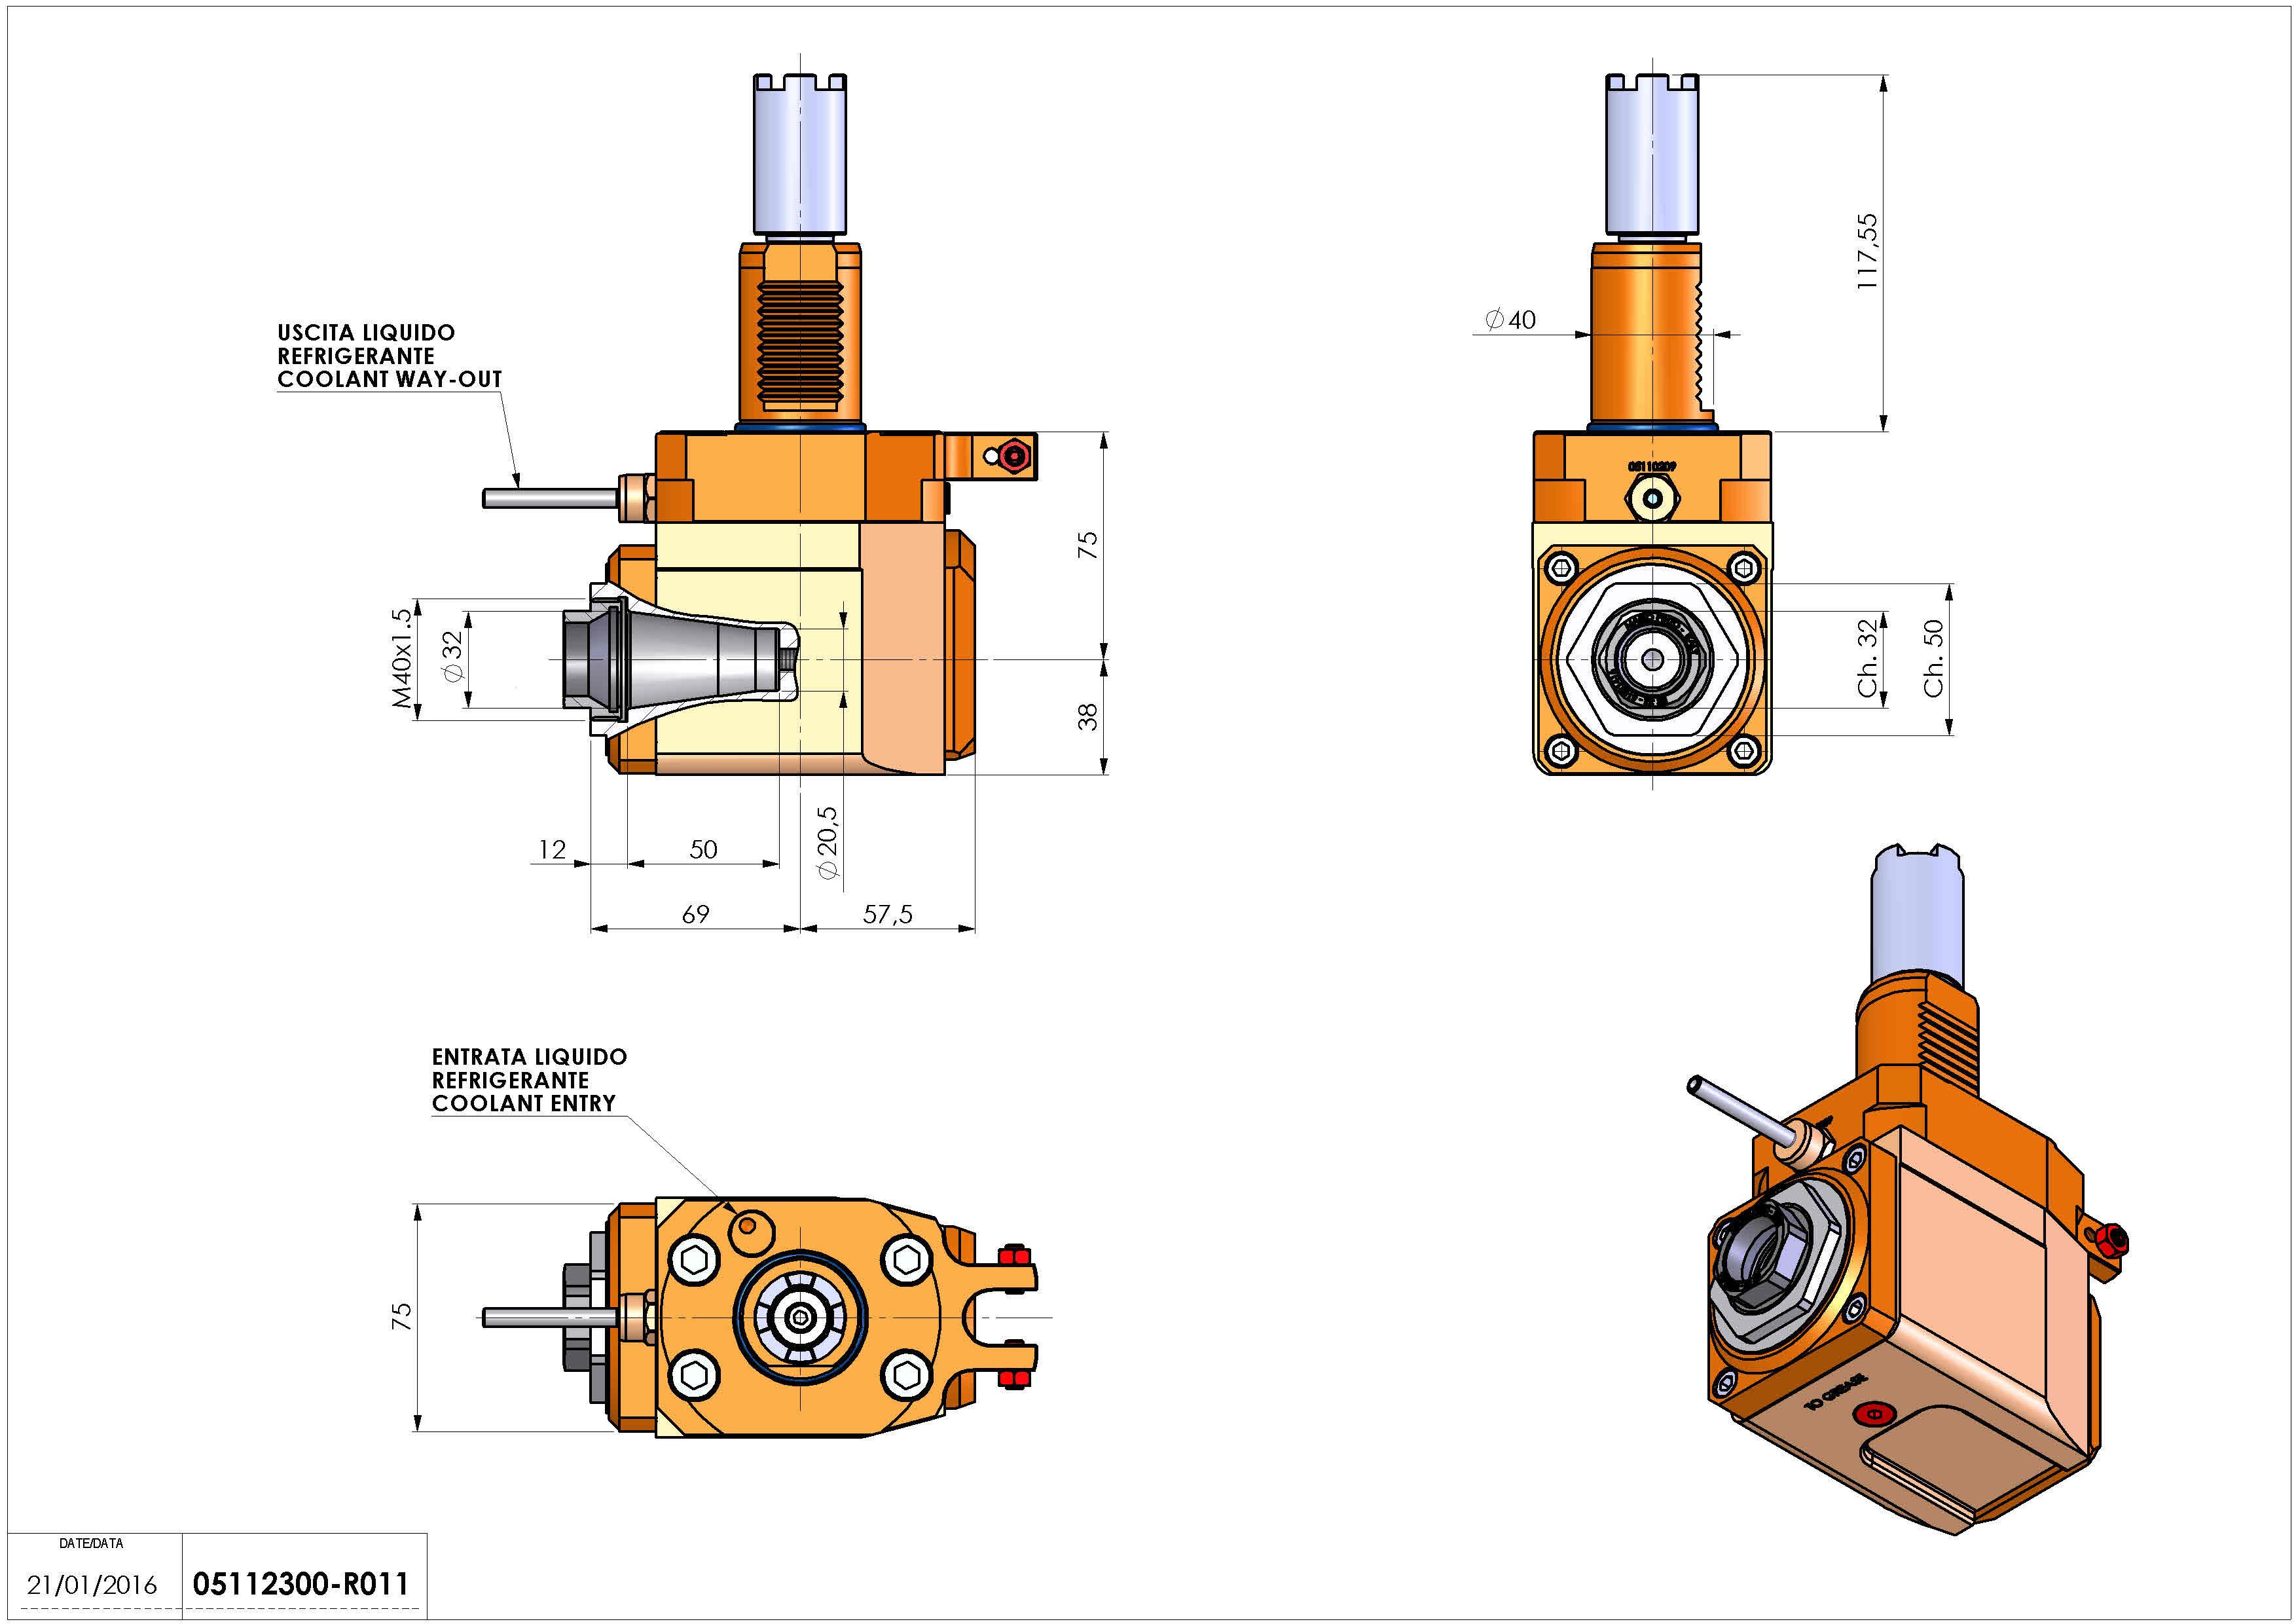 Technical image - LT-A VDI40 ER32F H75 117 HA.